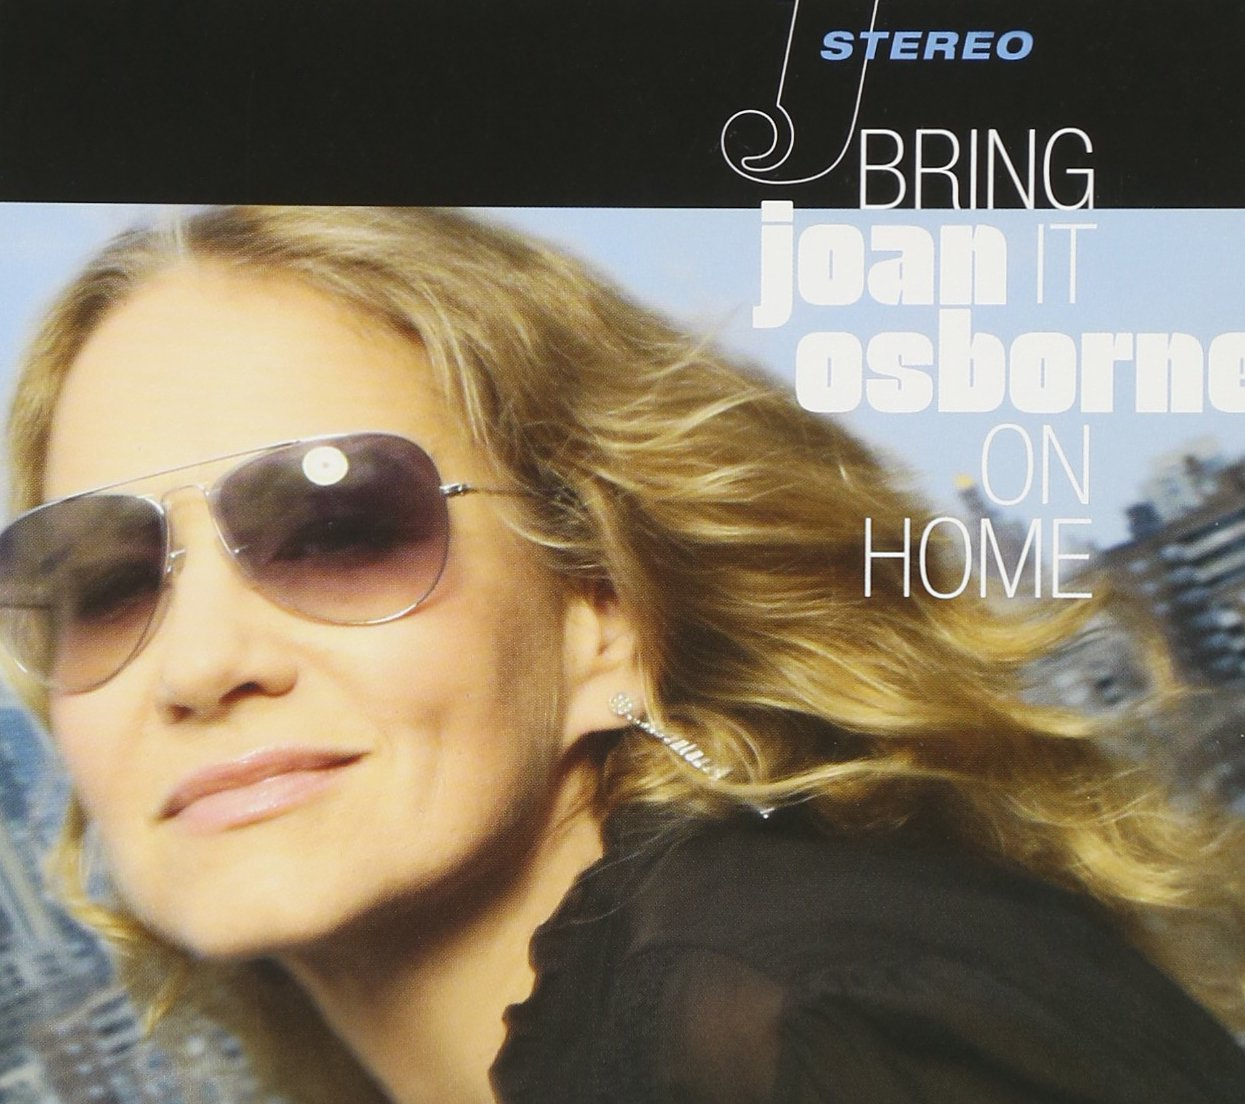 Joan osborne bring it on home amazon music hexwebz Images